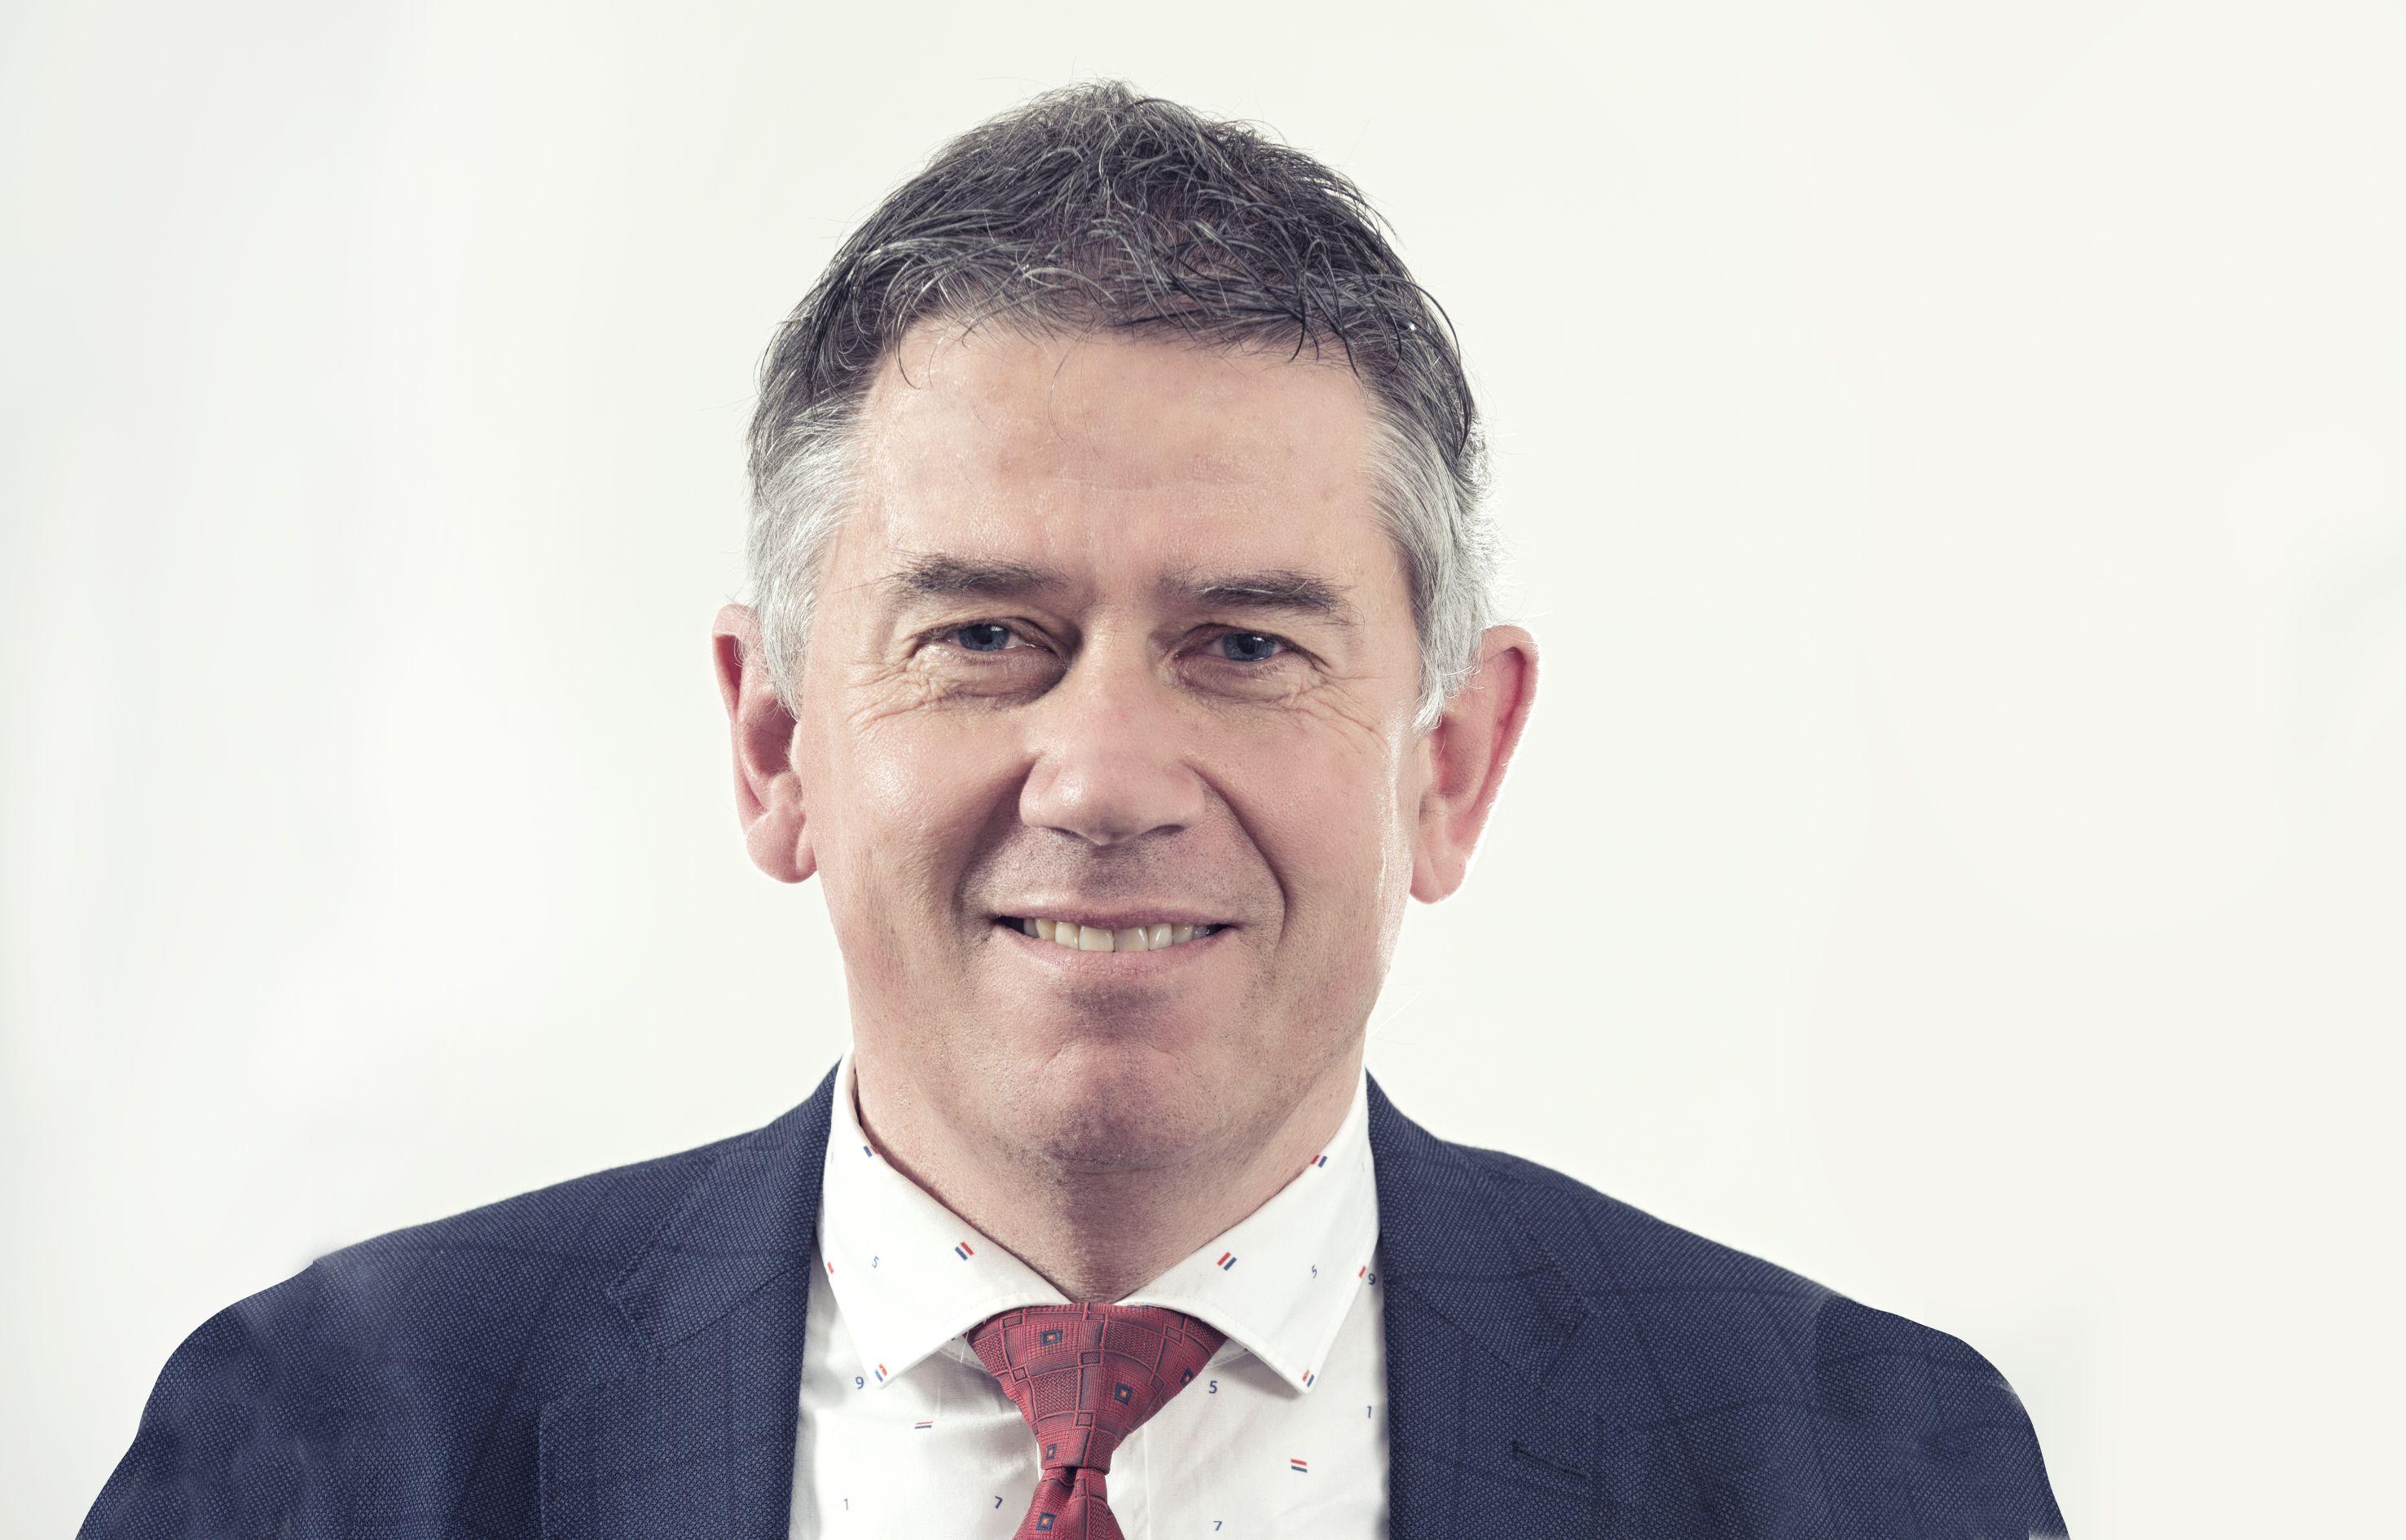 Pieter Meeuwis